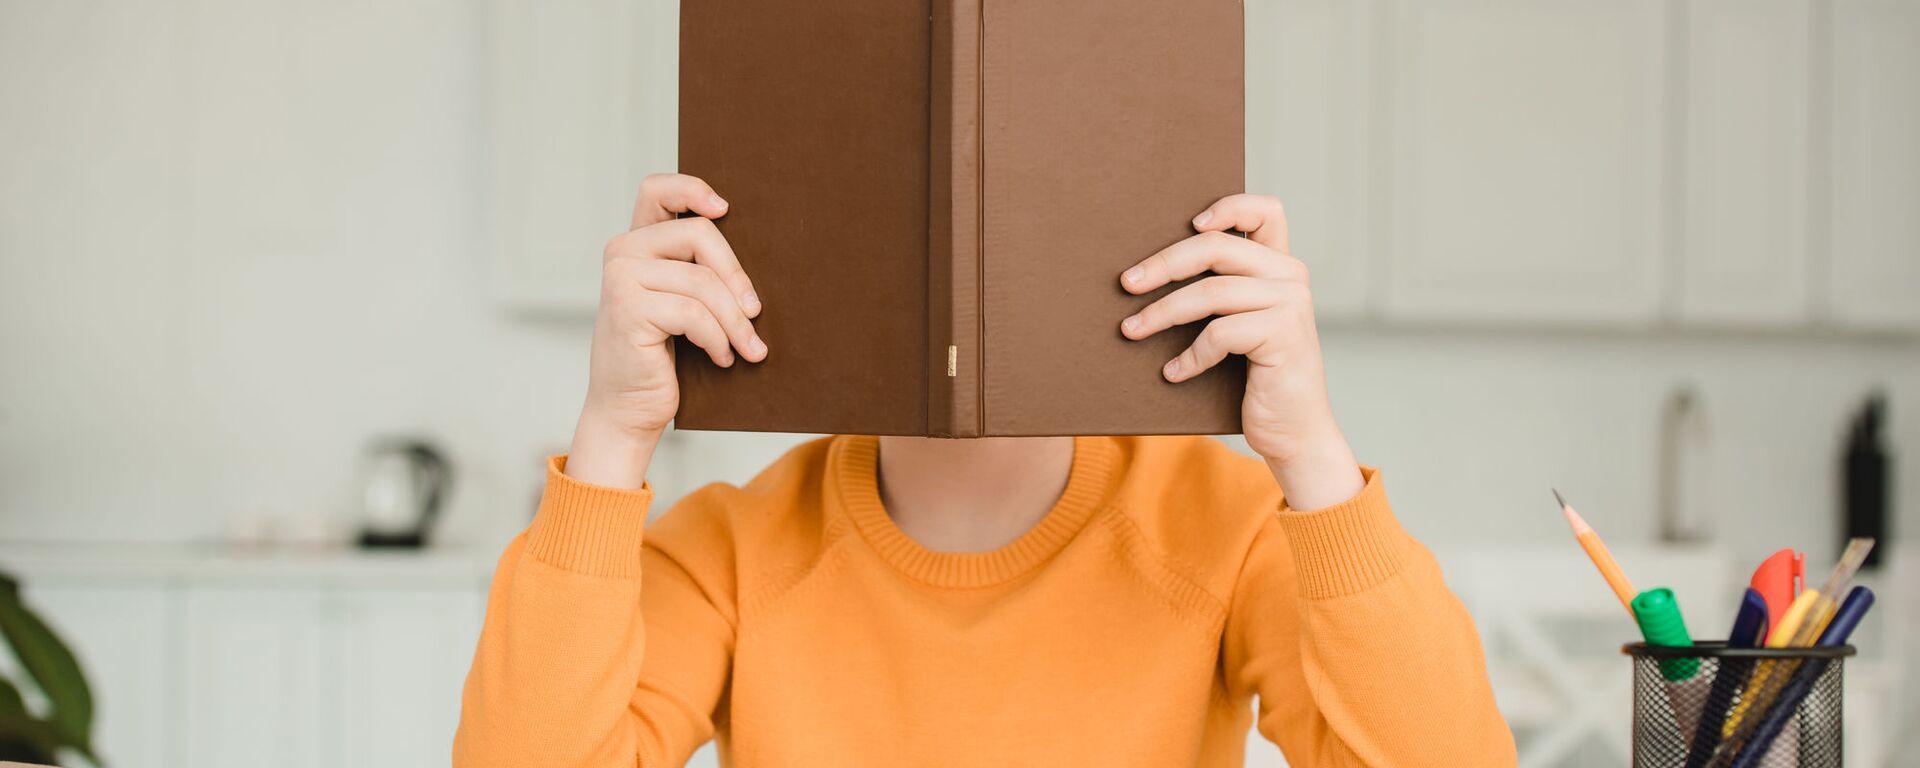 Un ragazzo legge un libro - Sputnik Italia, 1920, 22.06.2021